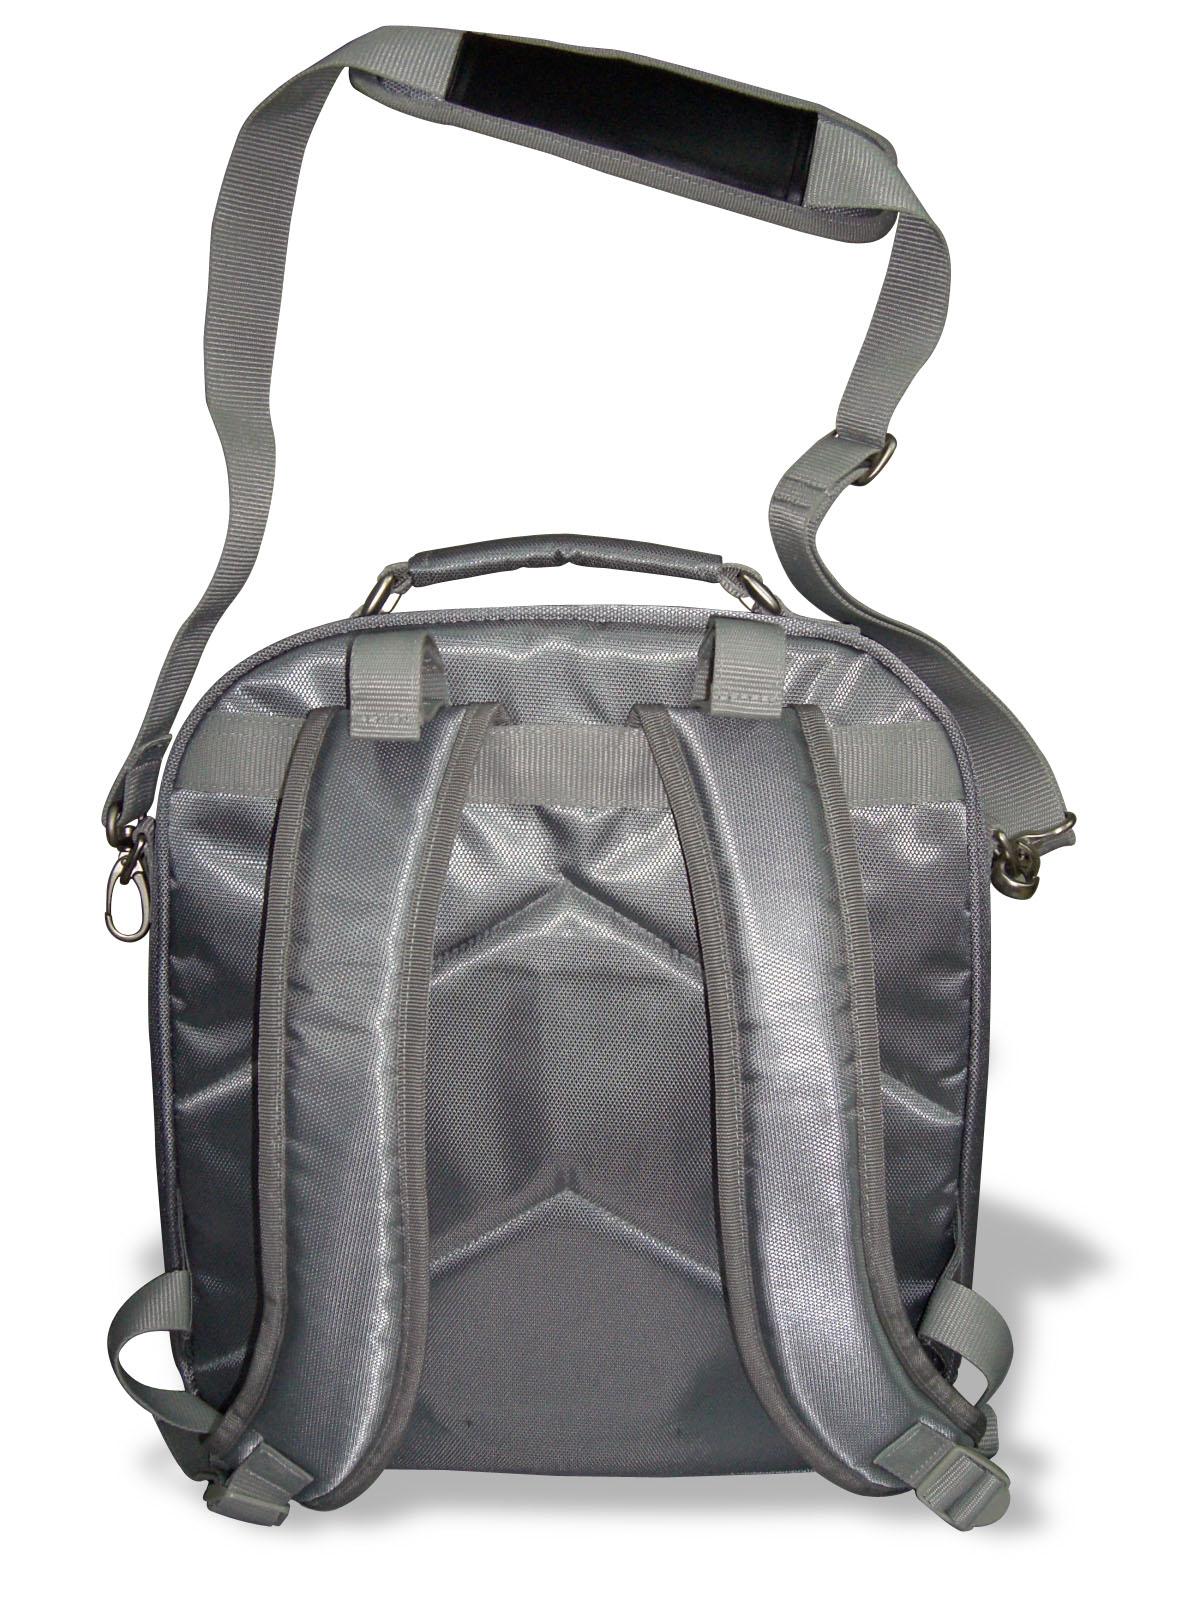 backpack sling diaper bag black white grey malaysia online. Black Bedroom Furniture Sets. Home Design Ideas